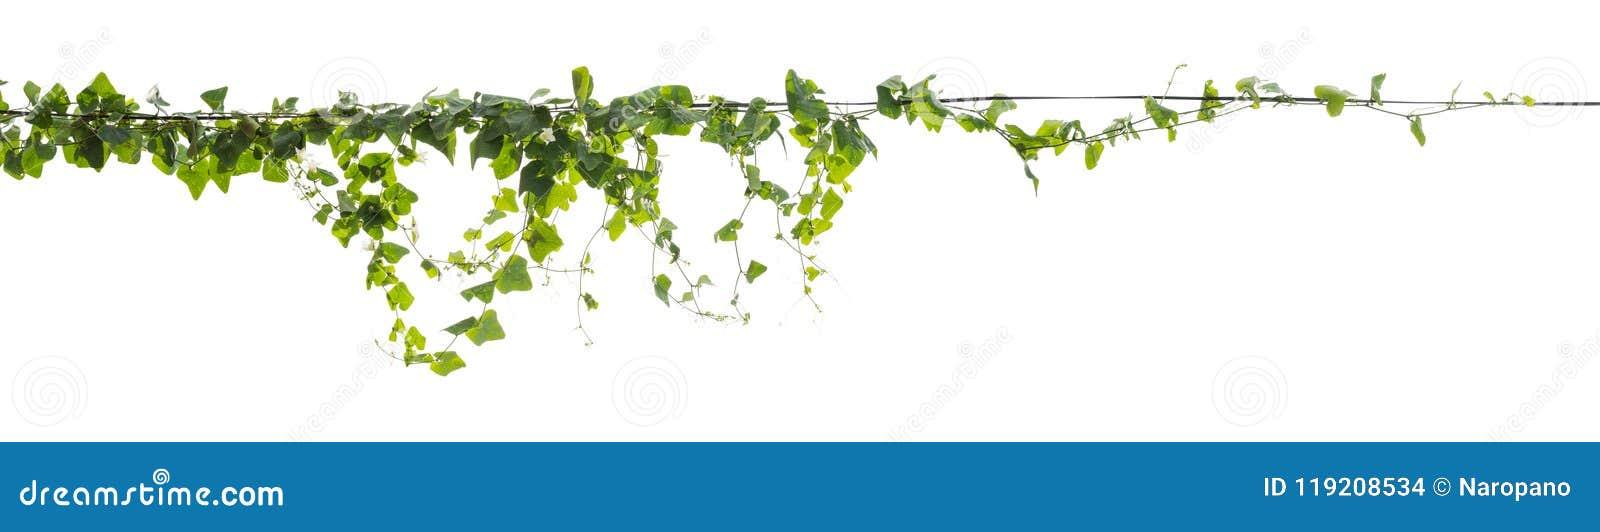 Escalada da planta de videira isolada no fundo branco